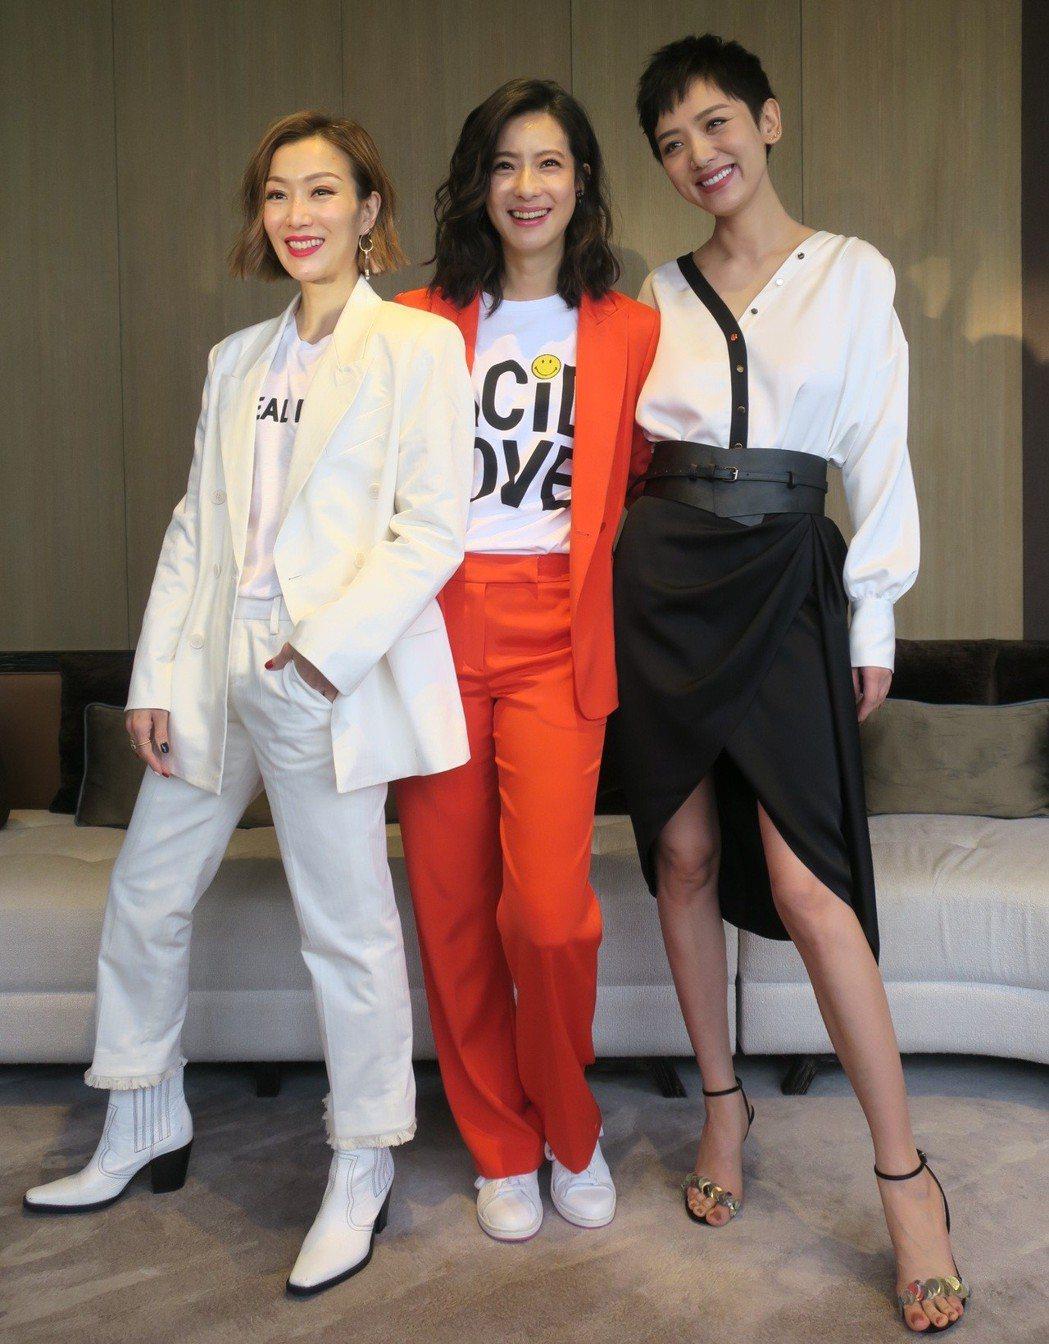 鄭秀文(左起)、賴雅妍、李曉峰在「花椒之味」有精采對手戲。記者蘇詠智/攝影